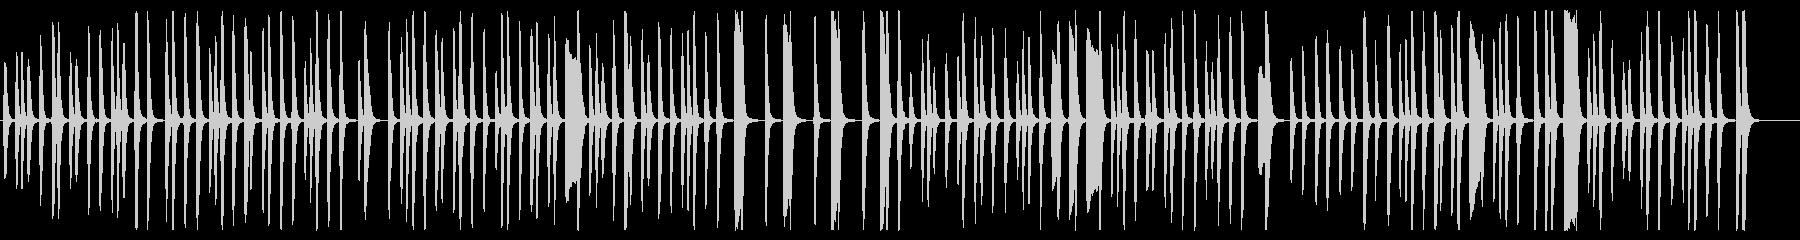 軽快で楽しげなピアノの曲の未再生の波形